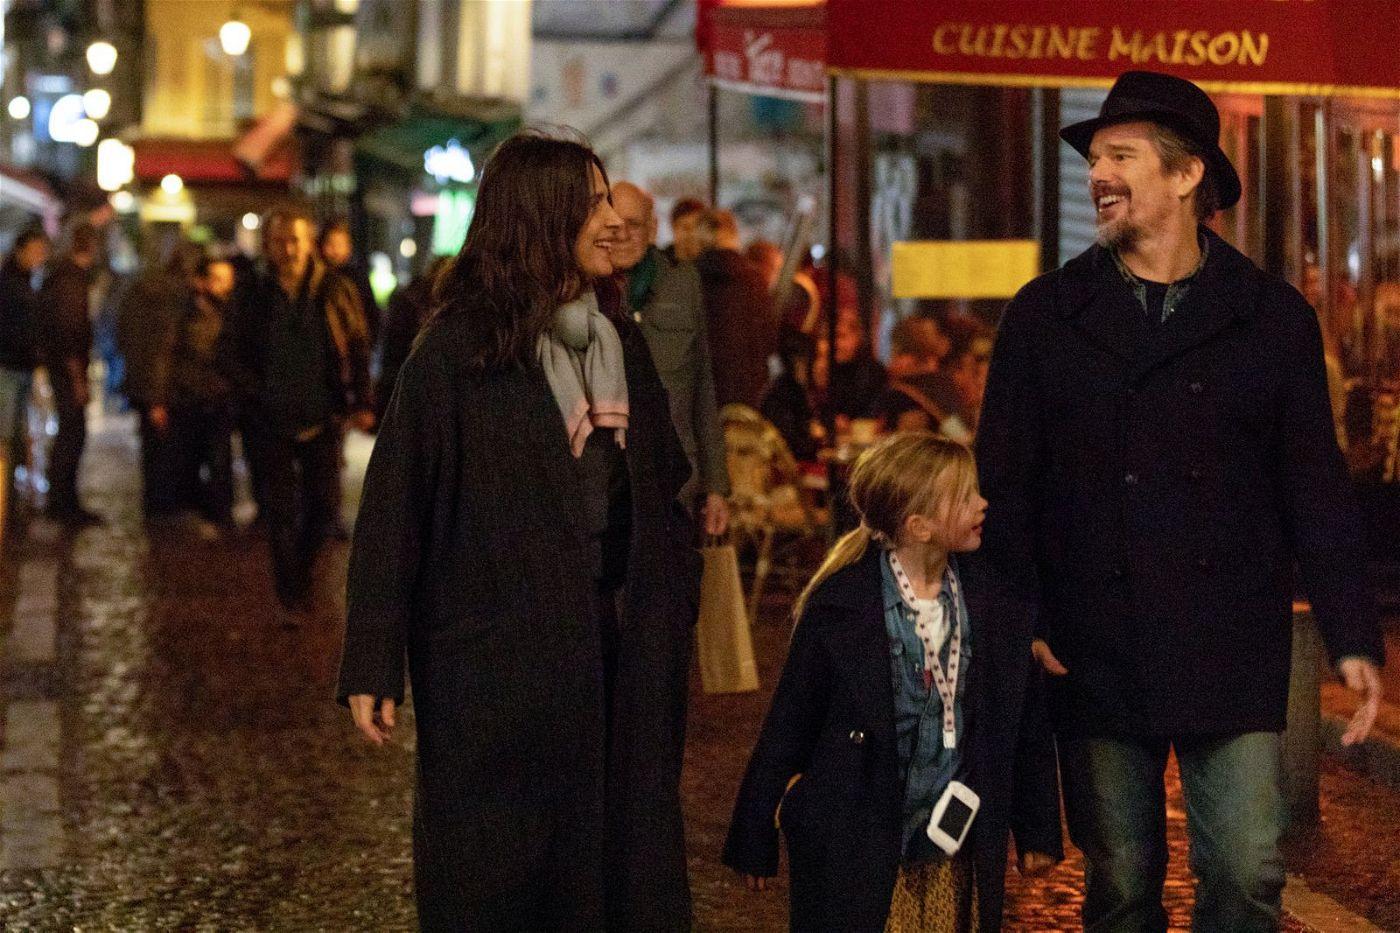 Lumir (Juliette Binoche), Hank (Ethan Hawke) und ihre Tochter Charlotte (Clémentine Grenier) reisen nach Frankreich, um Fabienne zu besuchen.